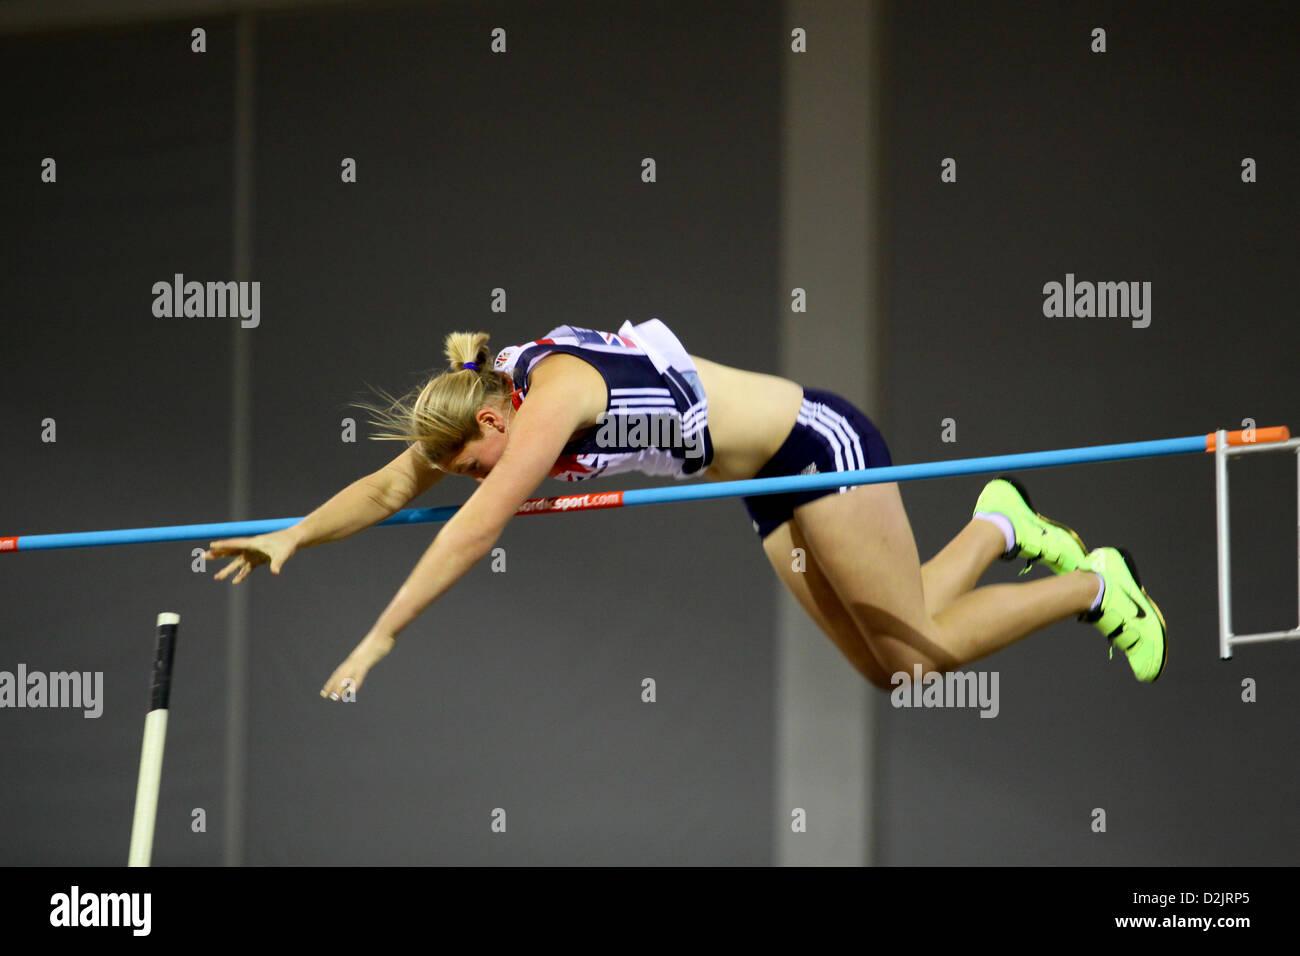 Holly Bleasdale GBR Großbritannien Gewinner des Frauen Stabhochsprung - 4,6 m. 26.01.2013 britischen Leichtathletik Stockfoto